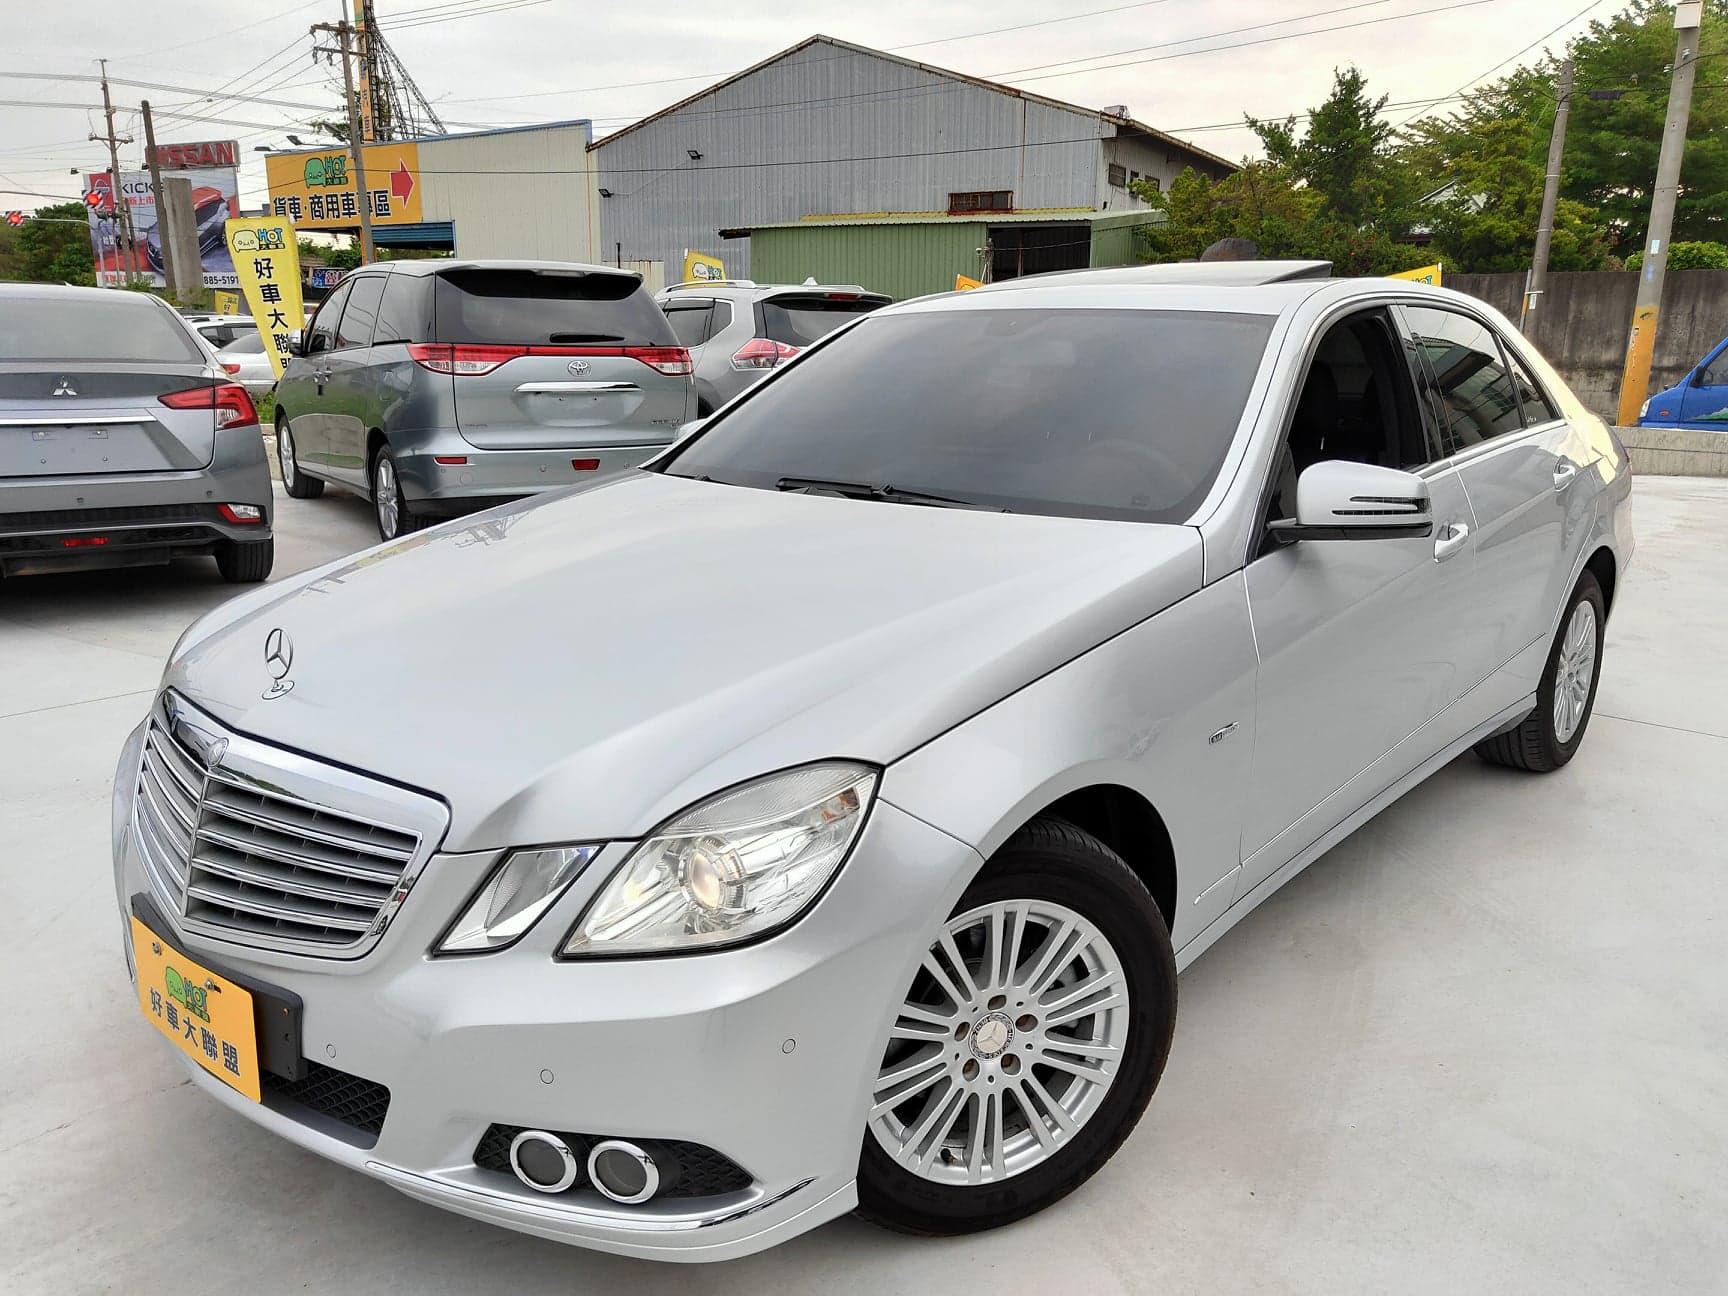 2011 M-Benz 賓士 E-class